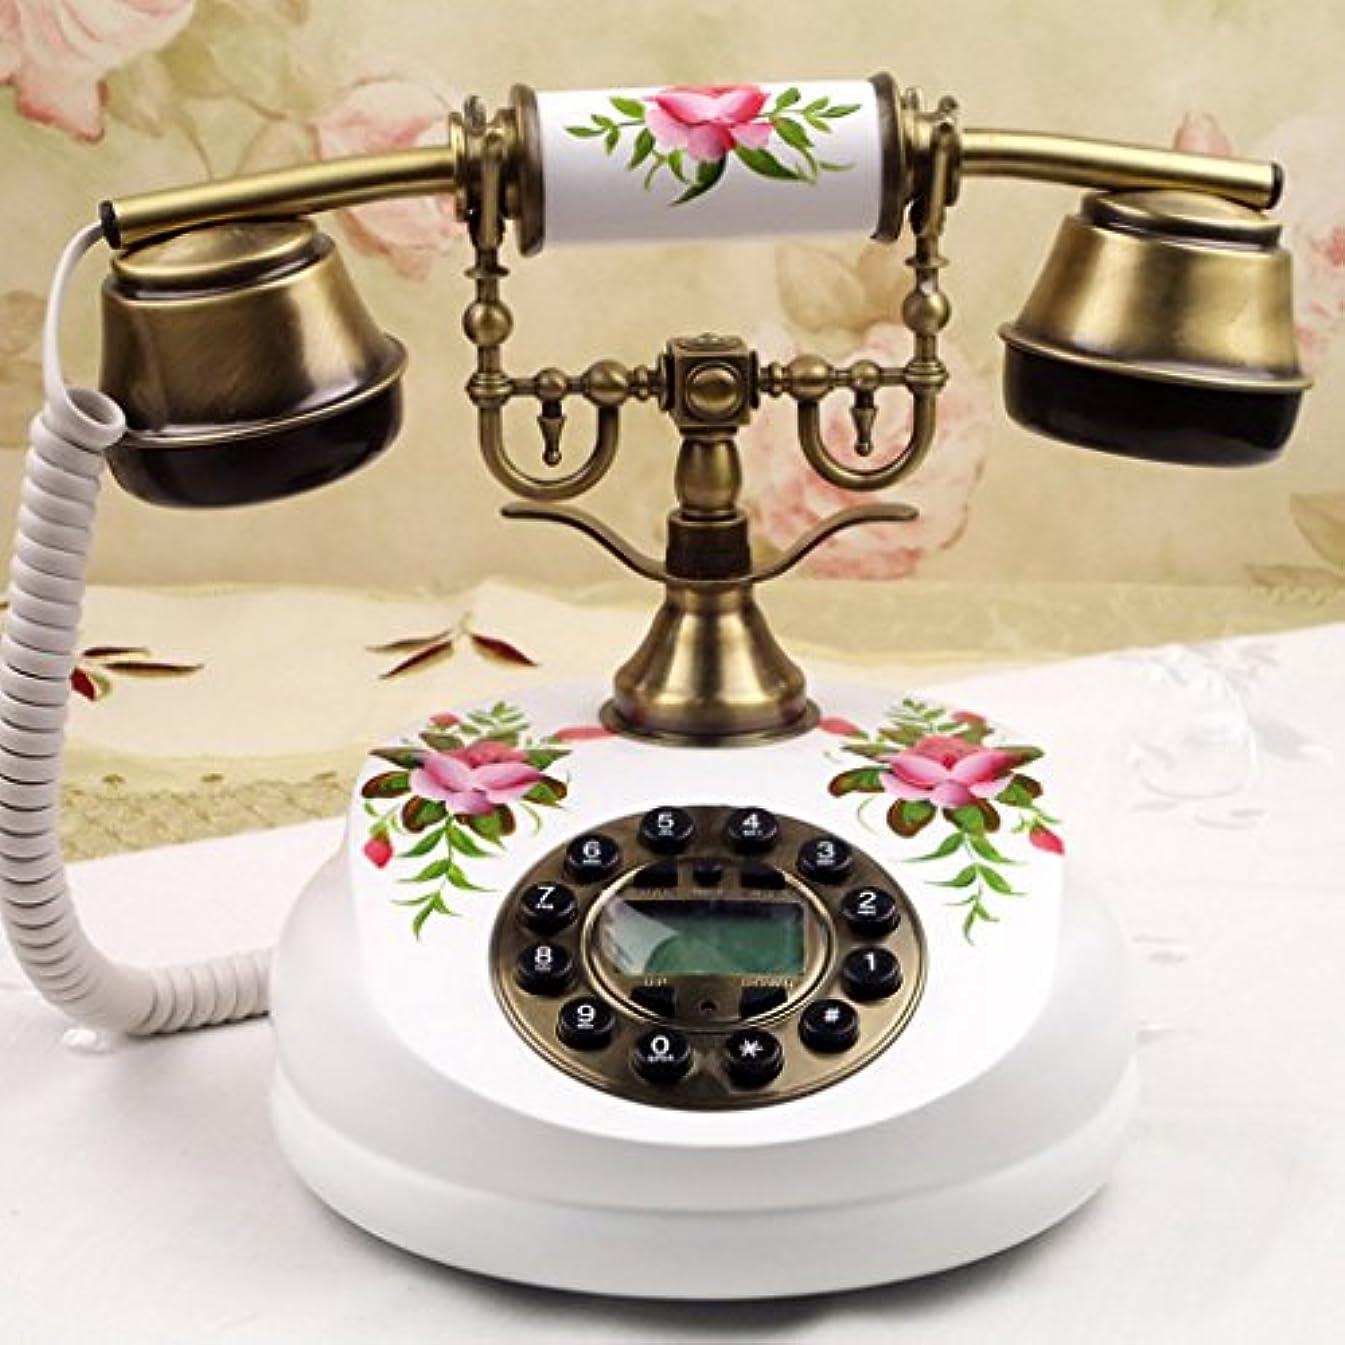 擁するバブルフォアマンWvfguj アンティーク電話、ヨーロッパ/木製の庭の創造電話18x22cm